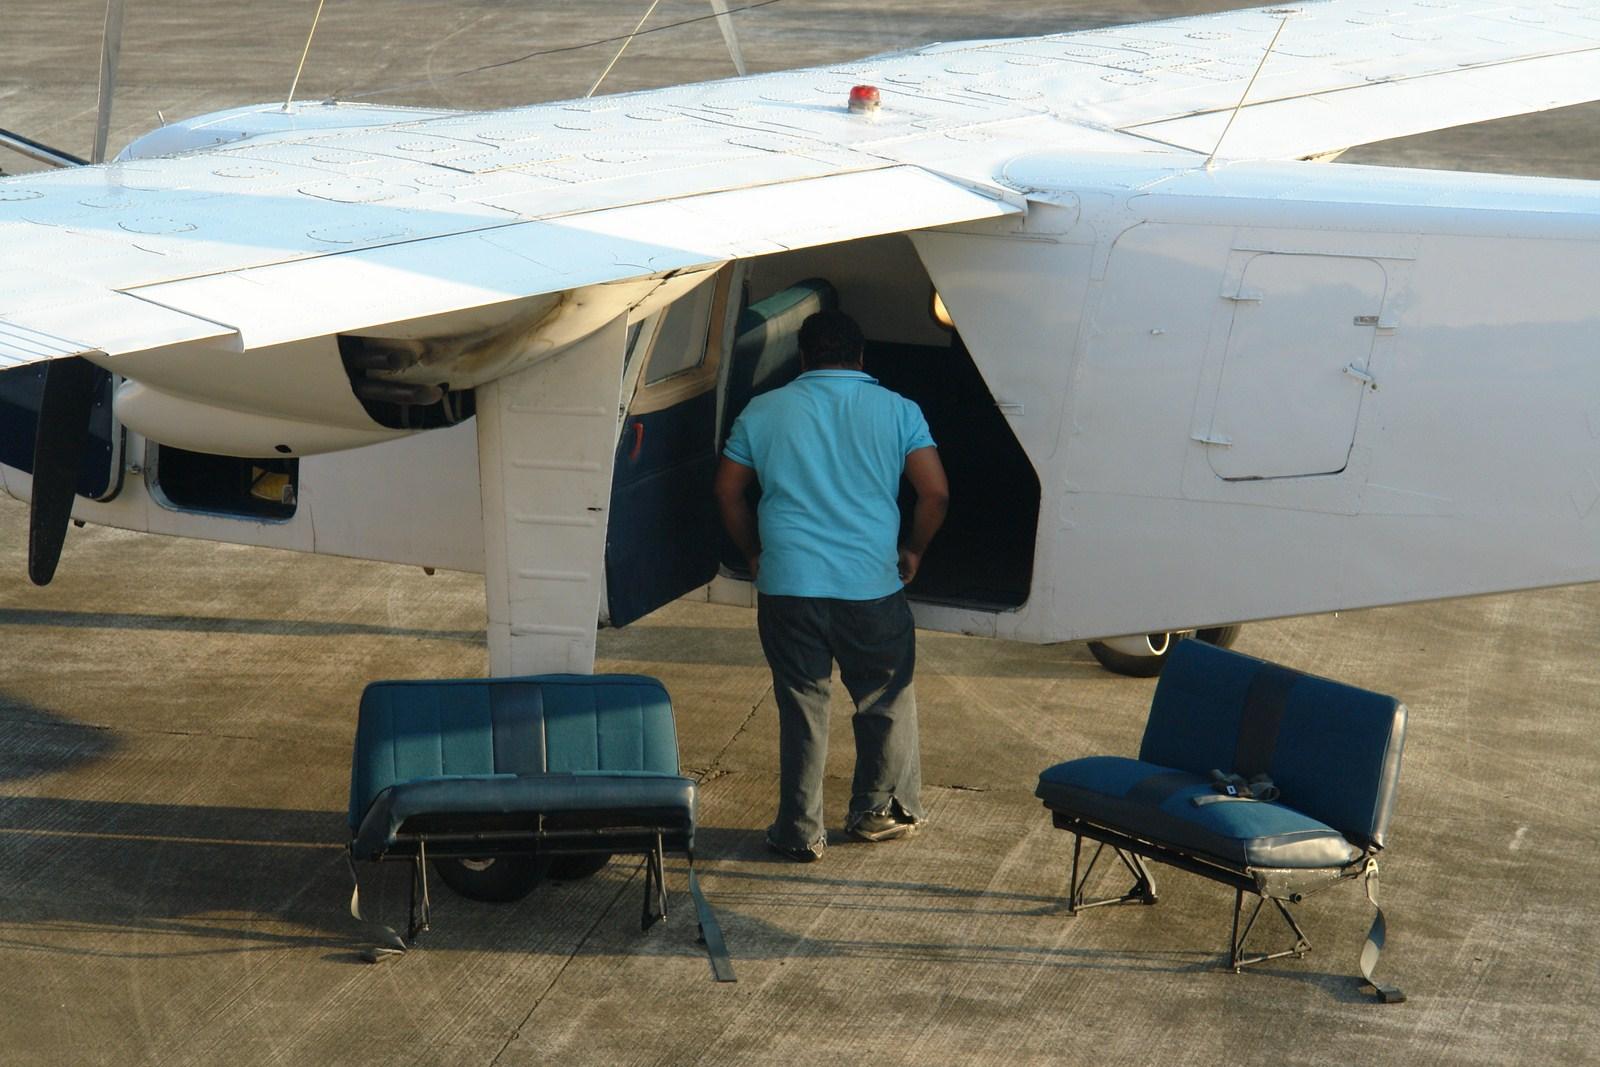 Poniendo los asientos para volar Historias de aeropuertos - 14937561676 96b95b00c3 o - Historias de aeropuertos